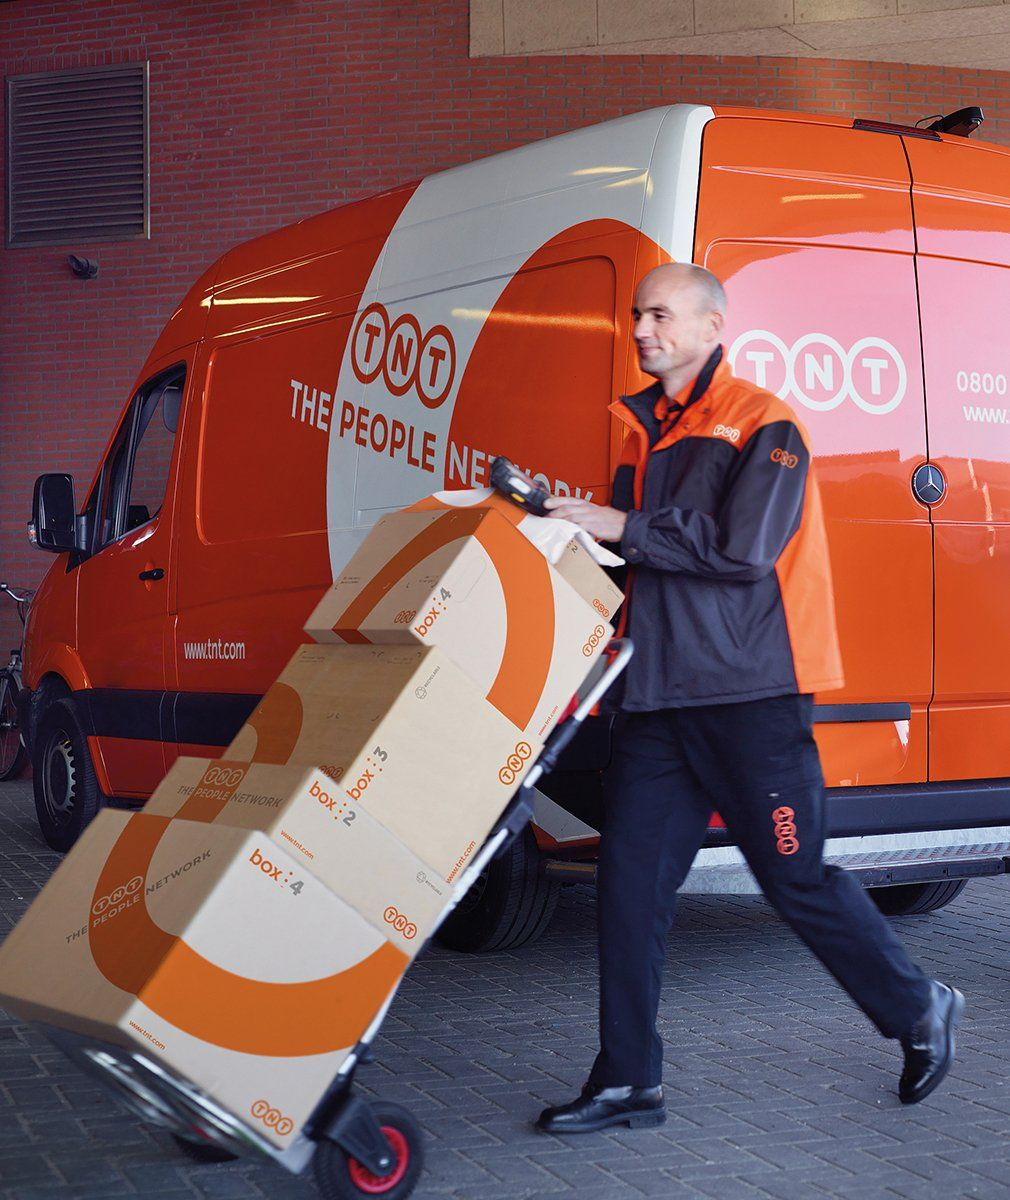 TNT delivering parcels Vliegtuig